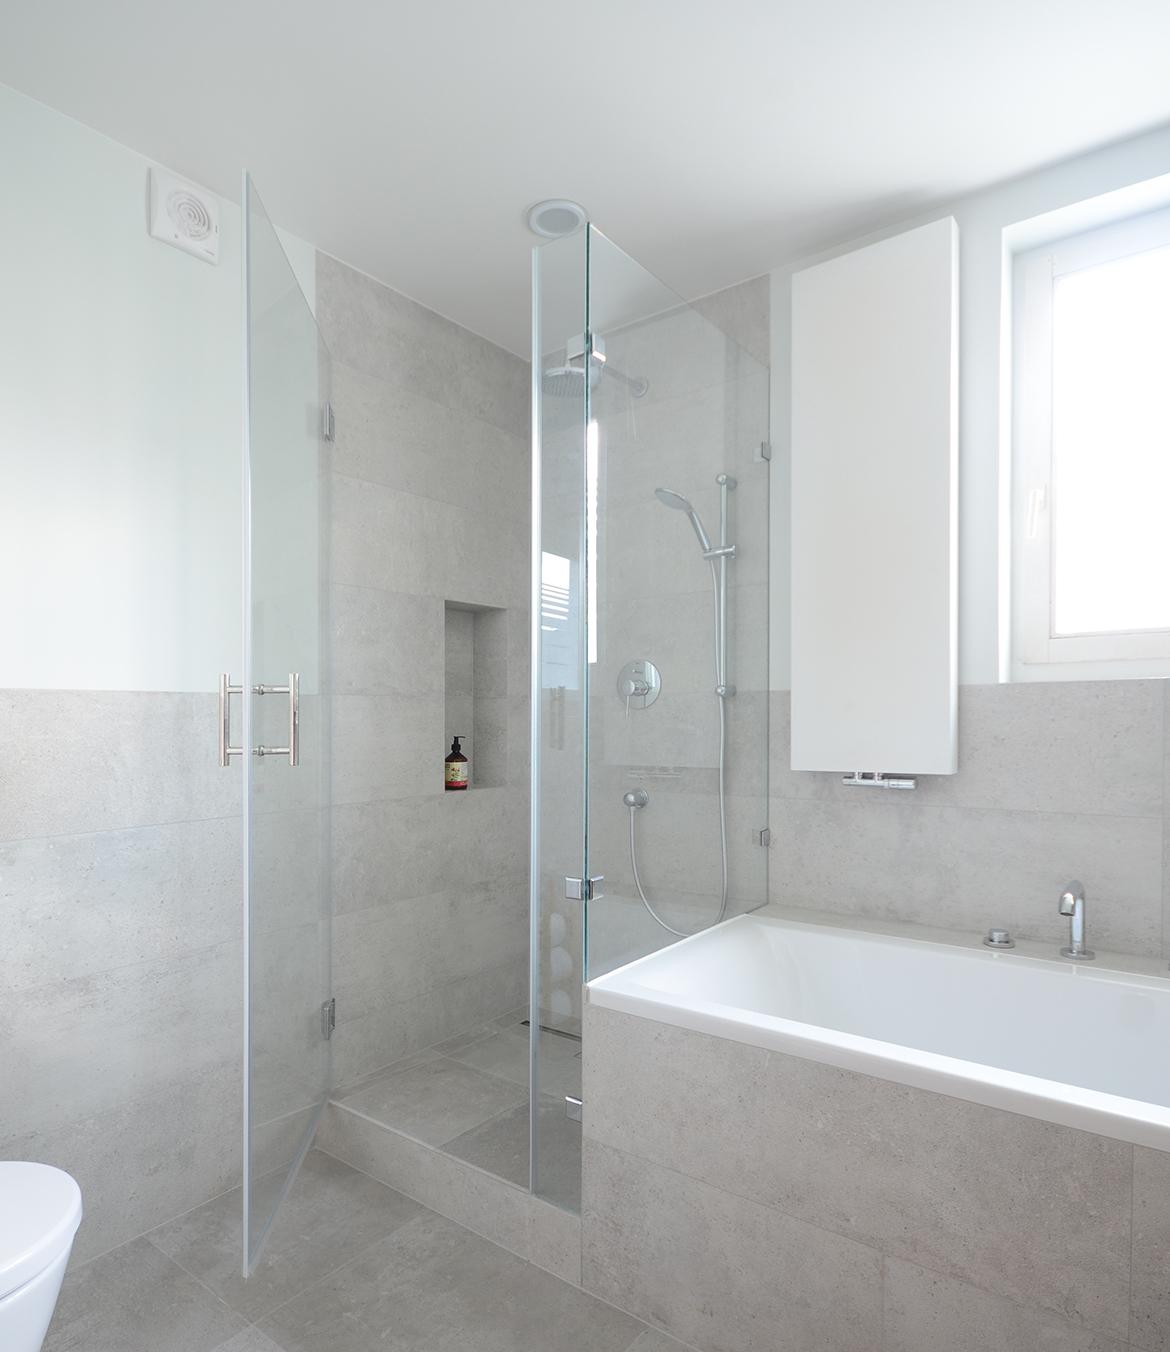 łazienka_at_proj_DariaPietryka__2__web